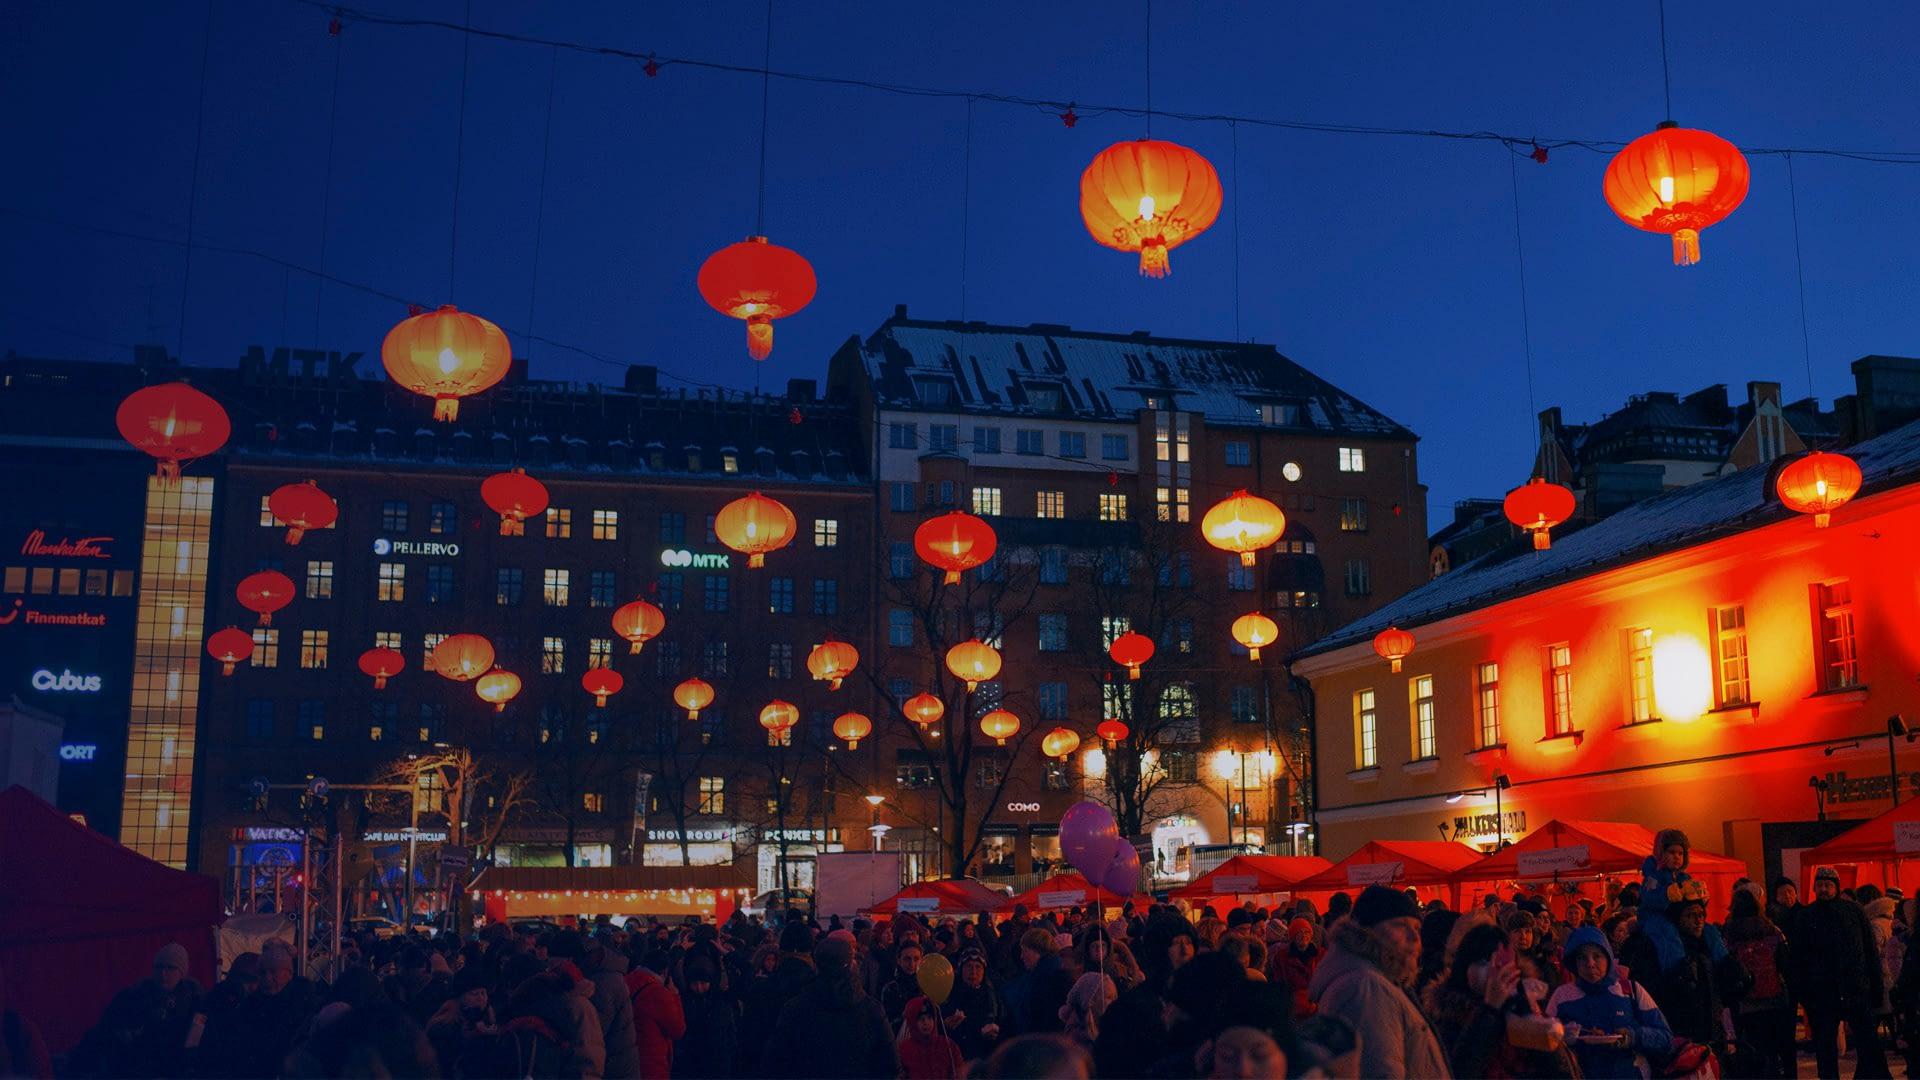 Chinese new year in Helsinki. (c) Jussi Hellsten / Visit Helsinki